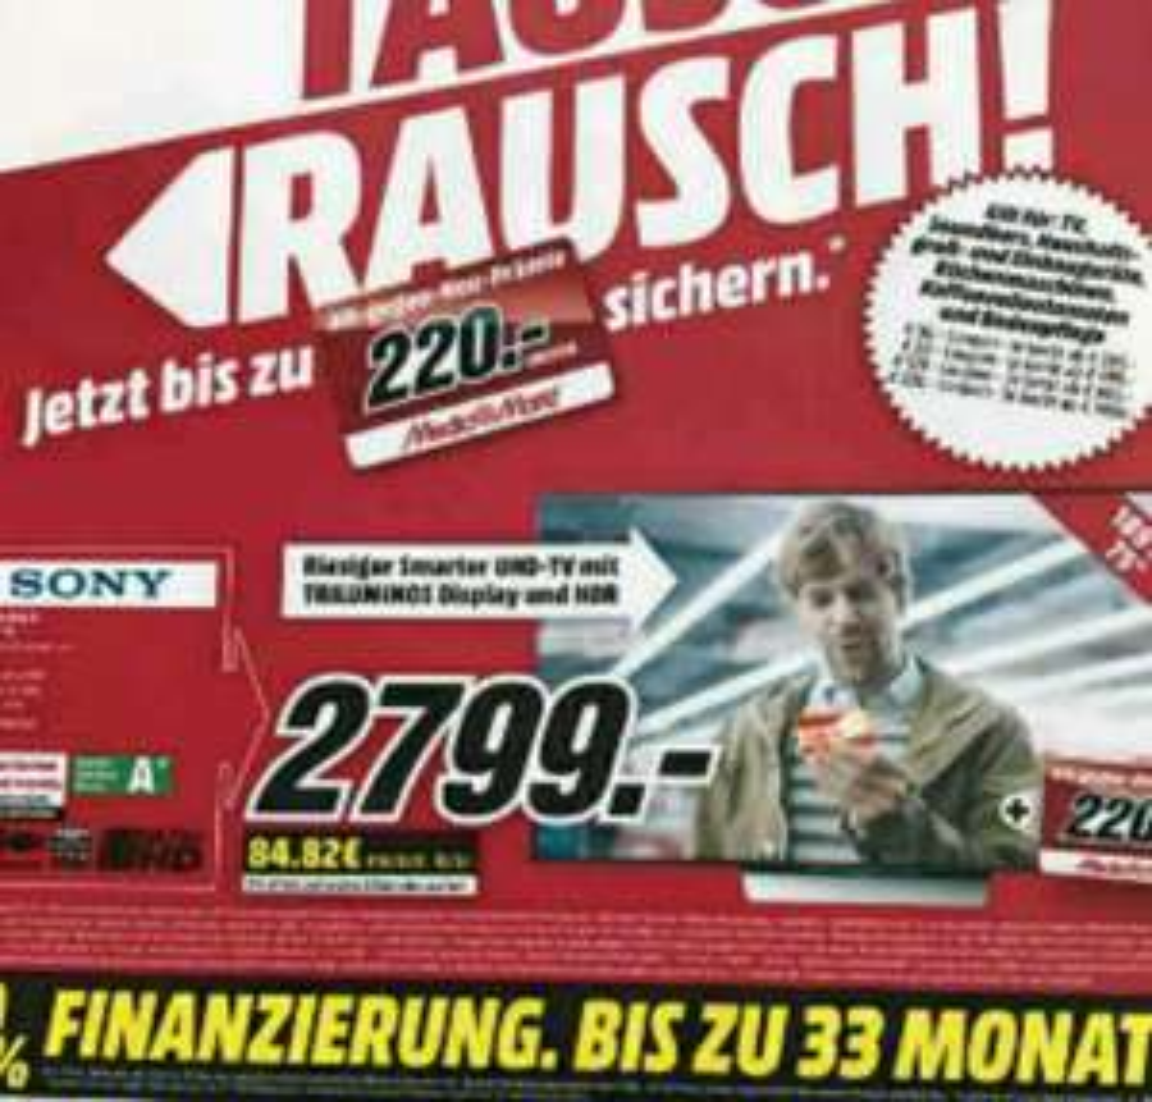 Sony KD75XD8505 75 Zoll TV im Media Markt Borsigallee Frankfurt plus Coupon im Wert von 220 Euro!!!